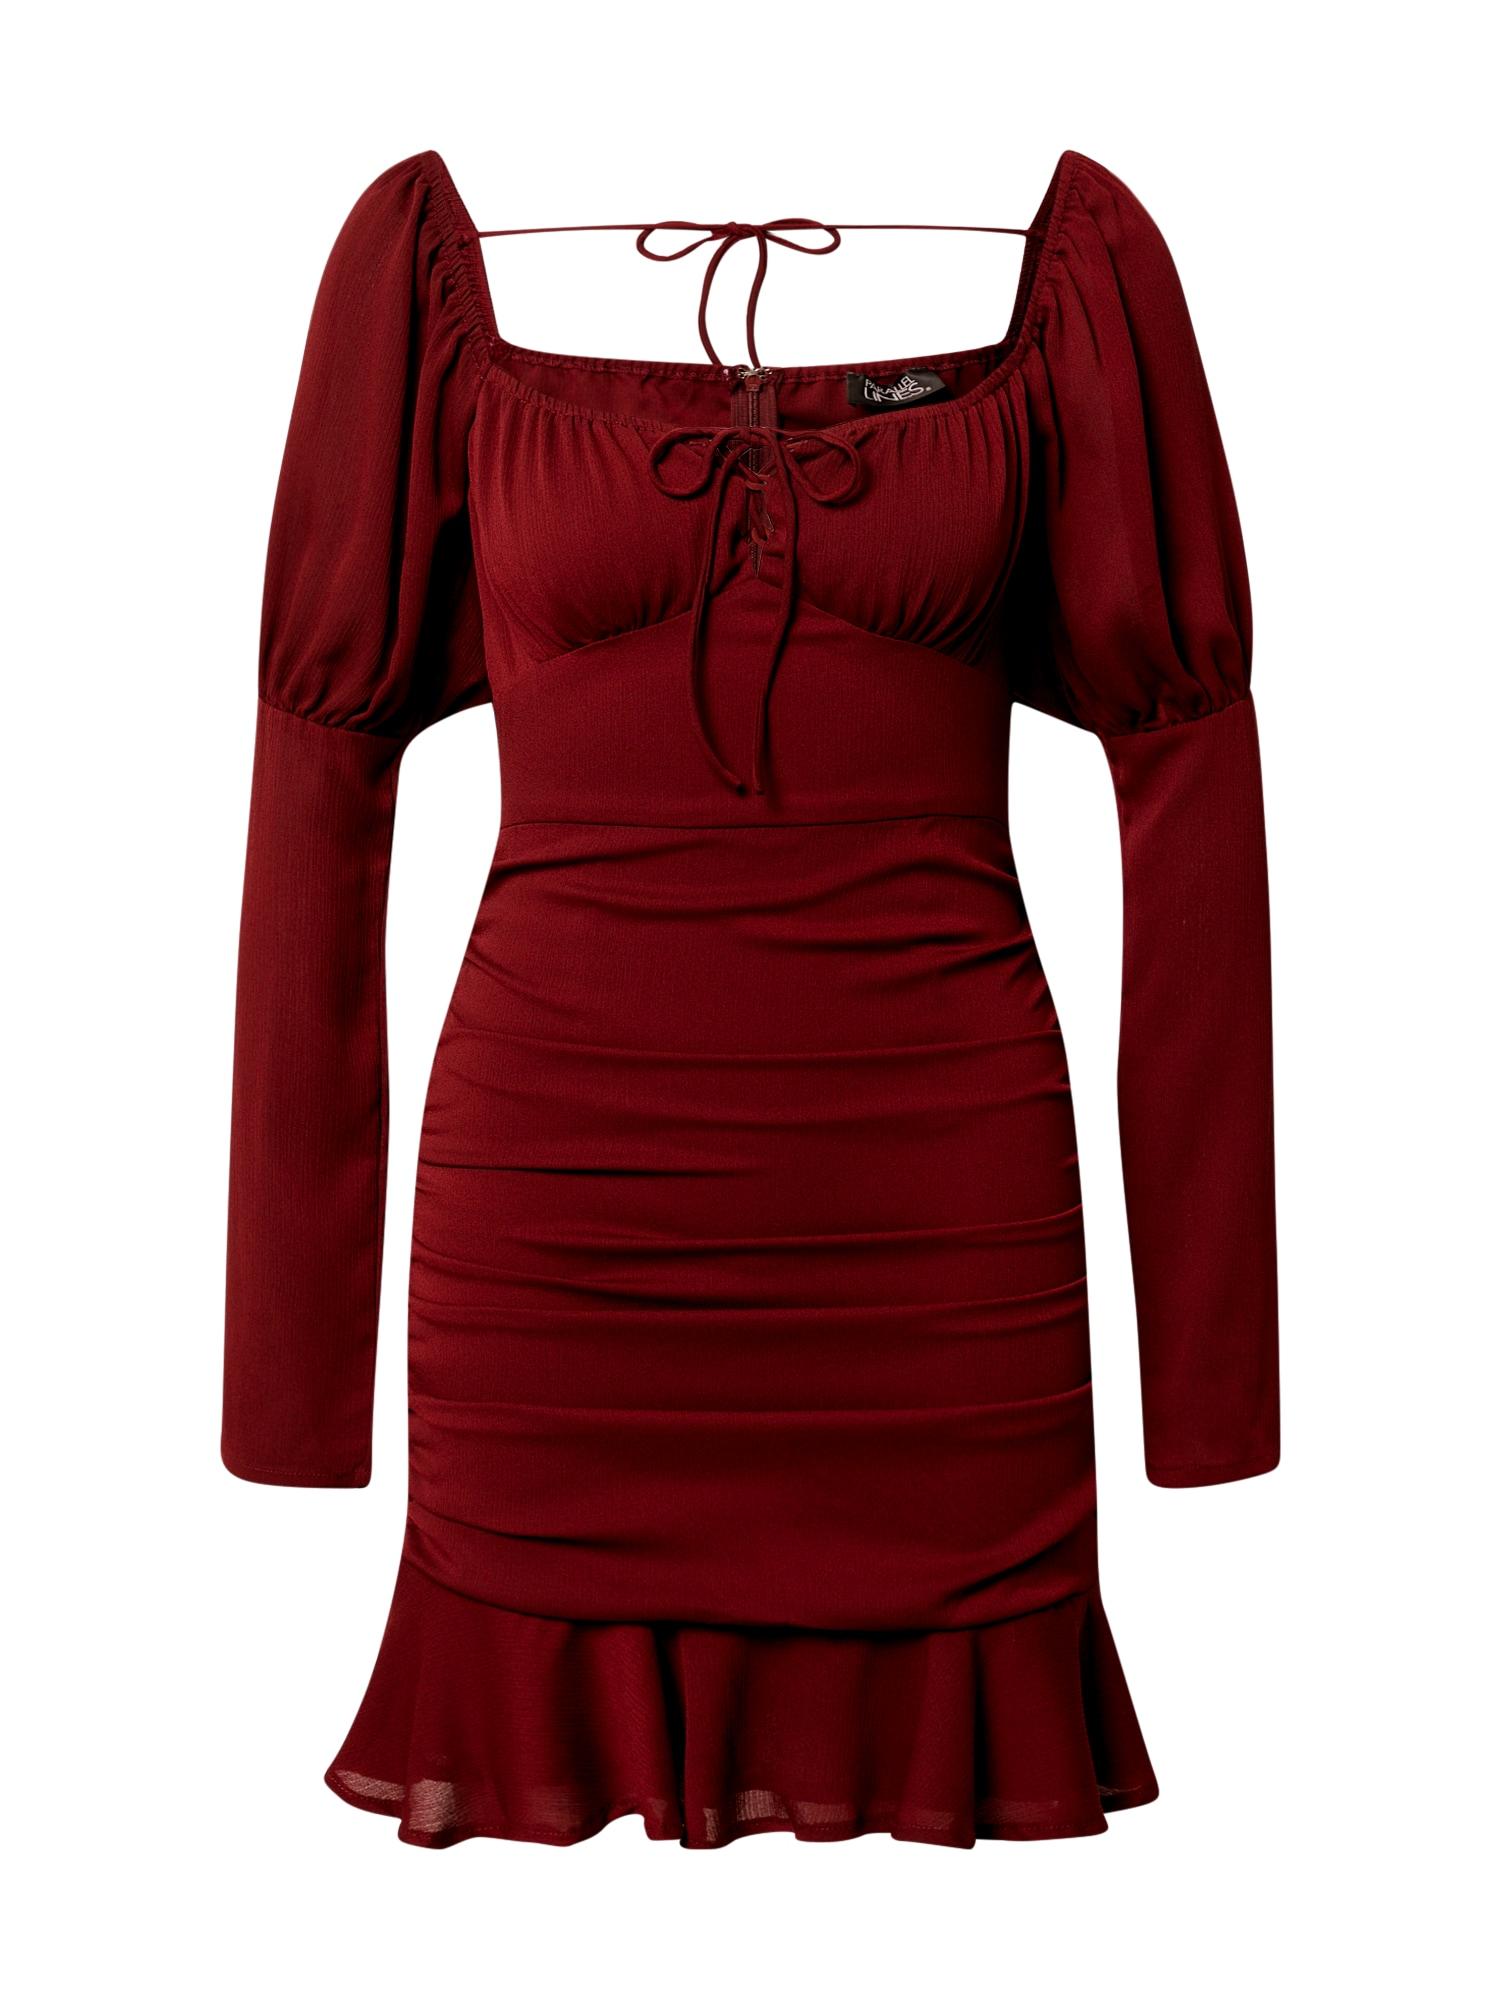 Parallel Lines Suknelė vyno raudona spalva